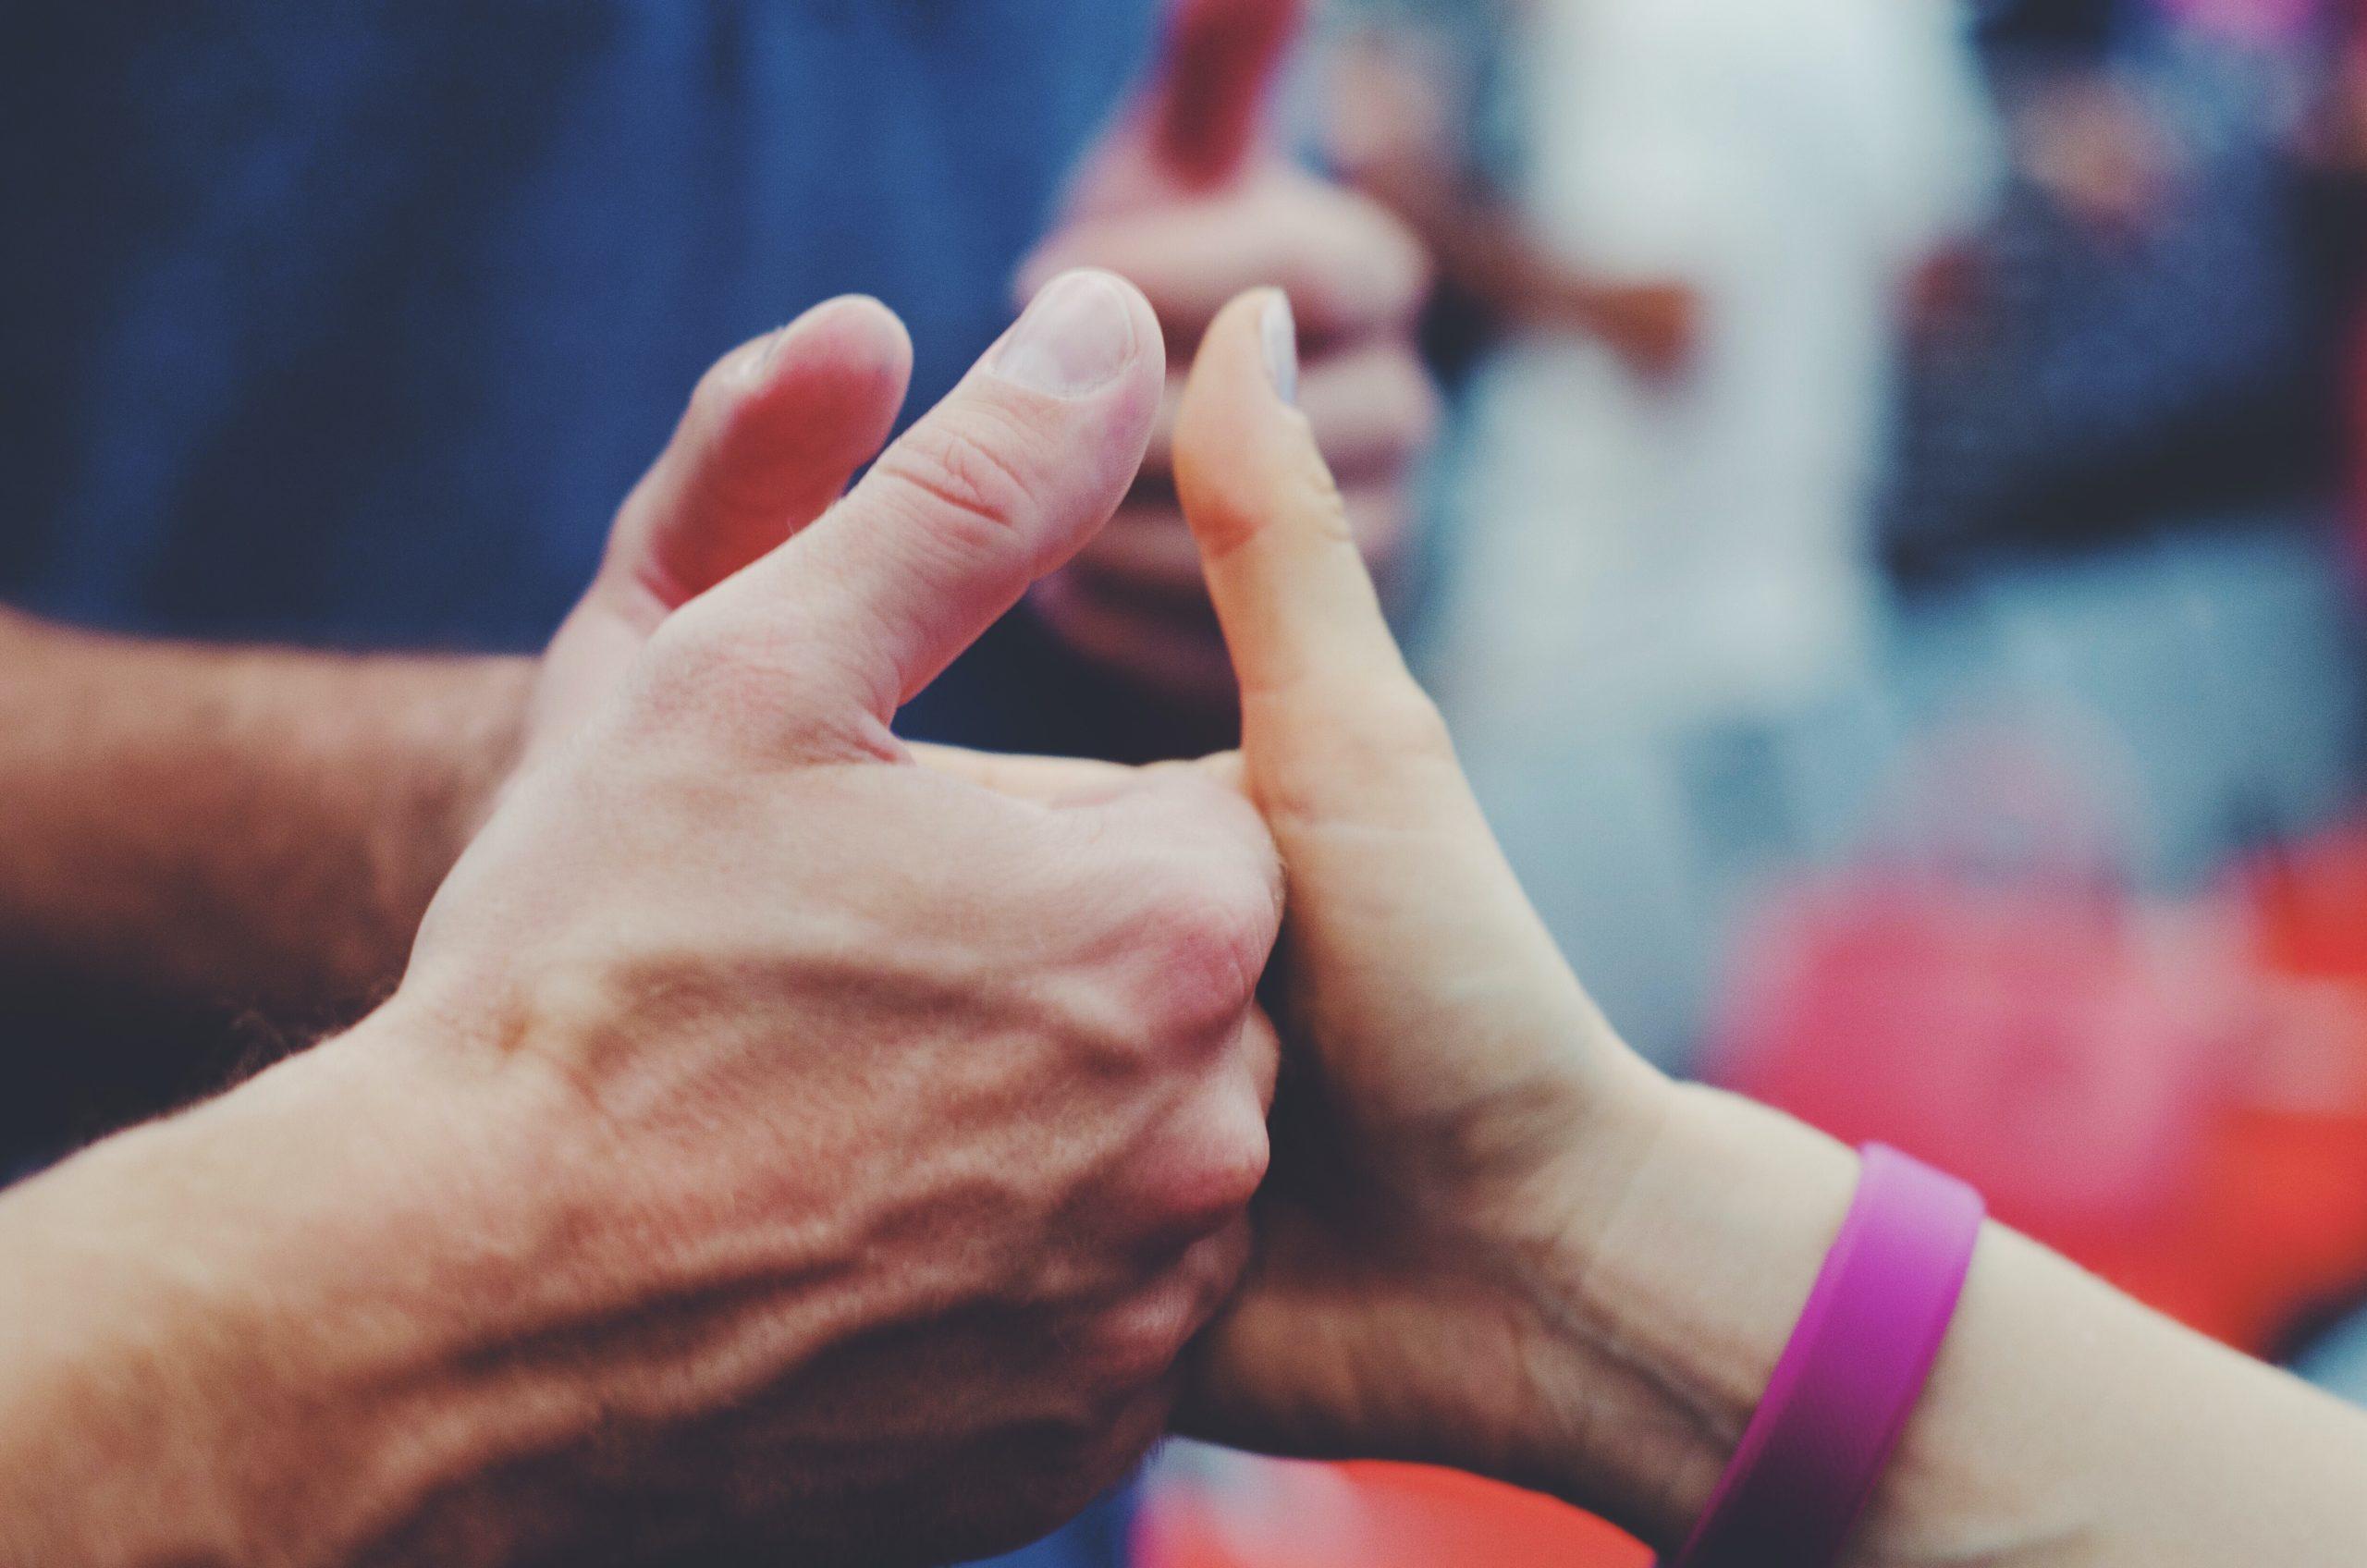 指を合わせる人の画像